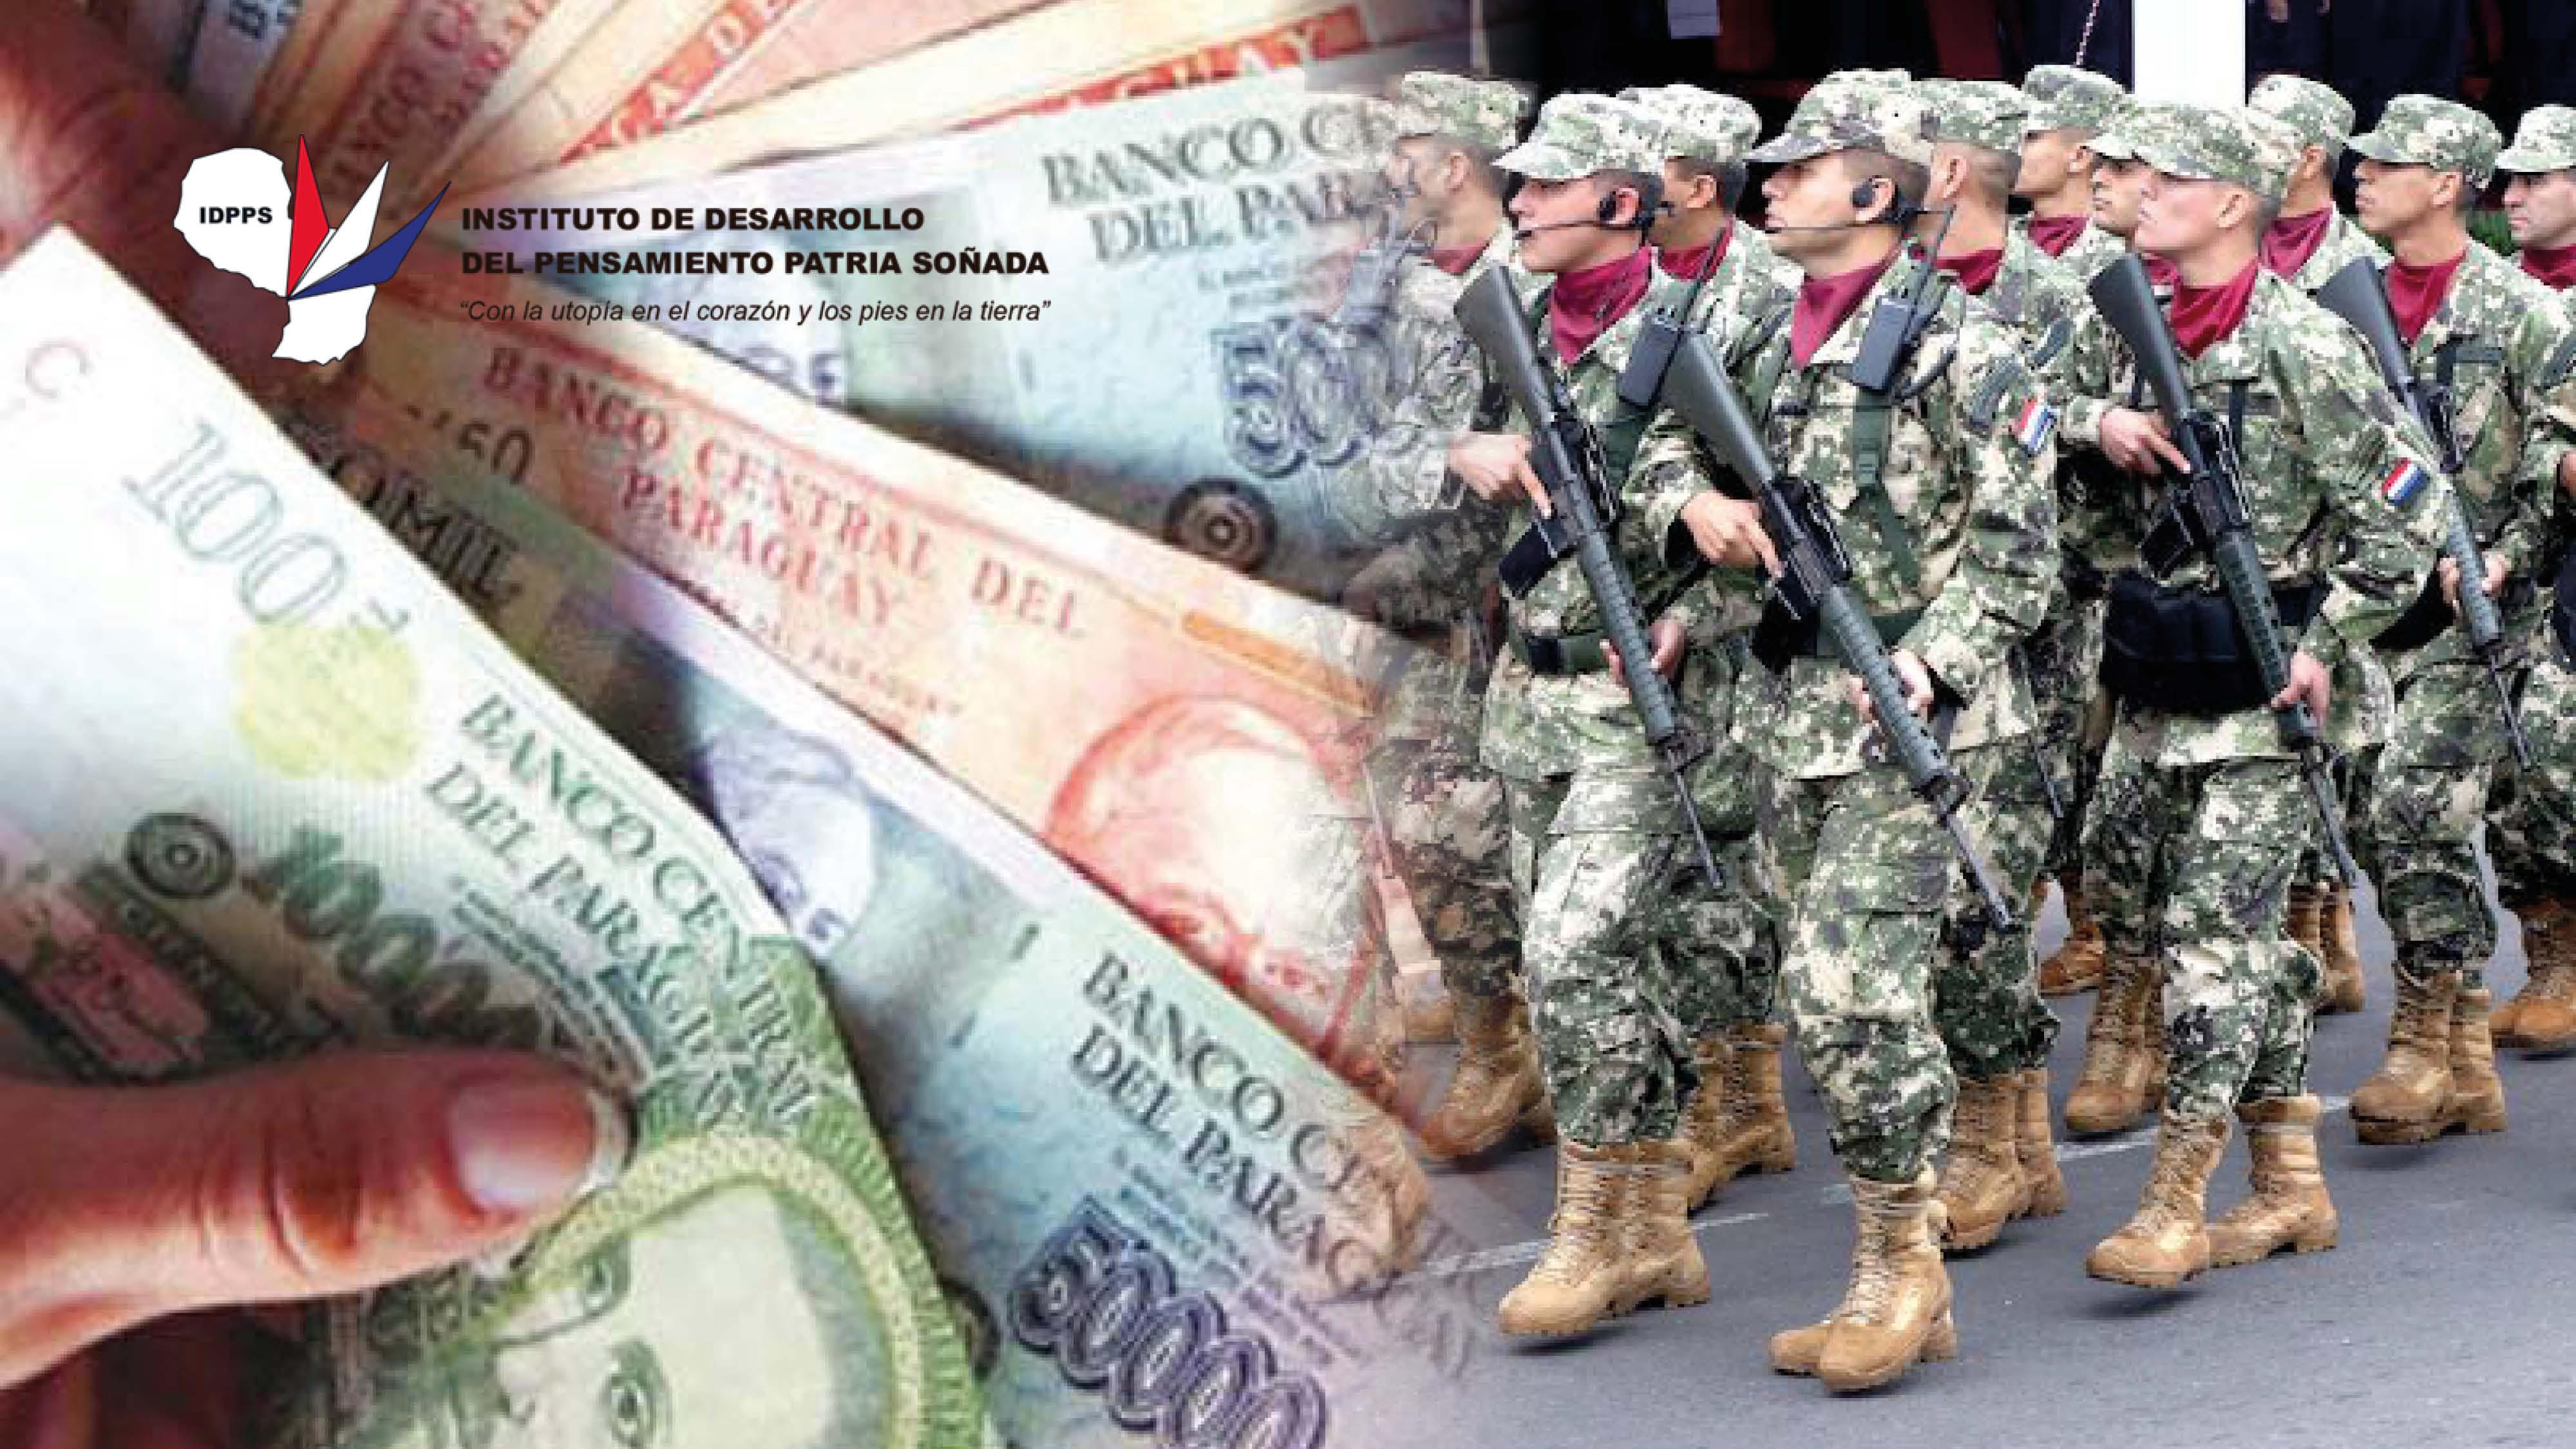 Economía vs. defensa y seguridad